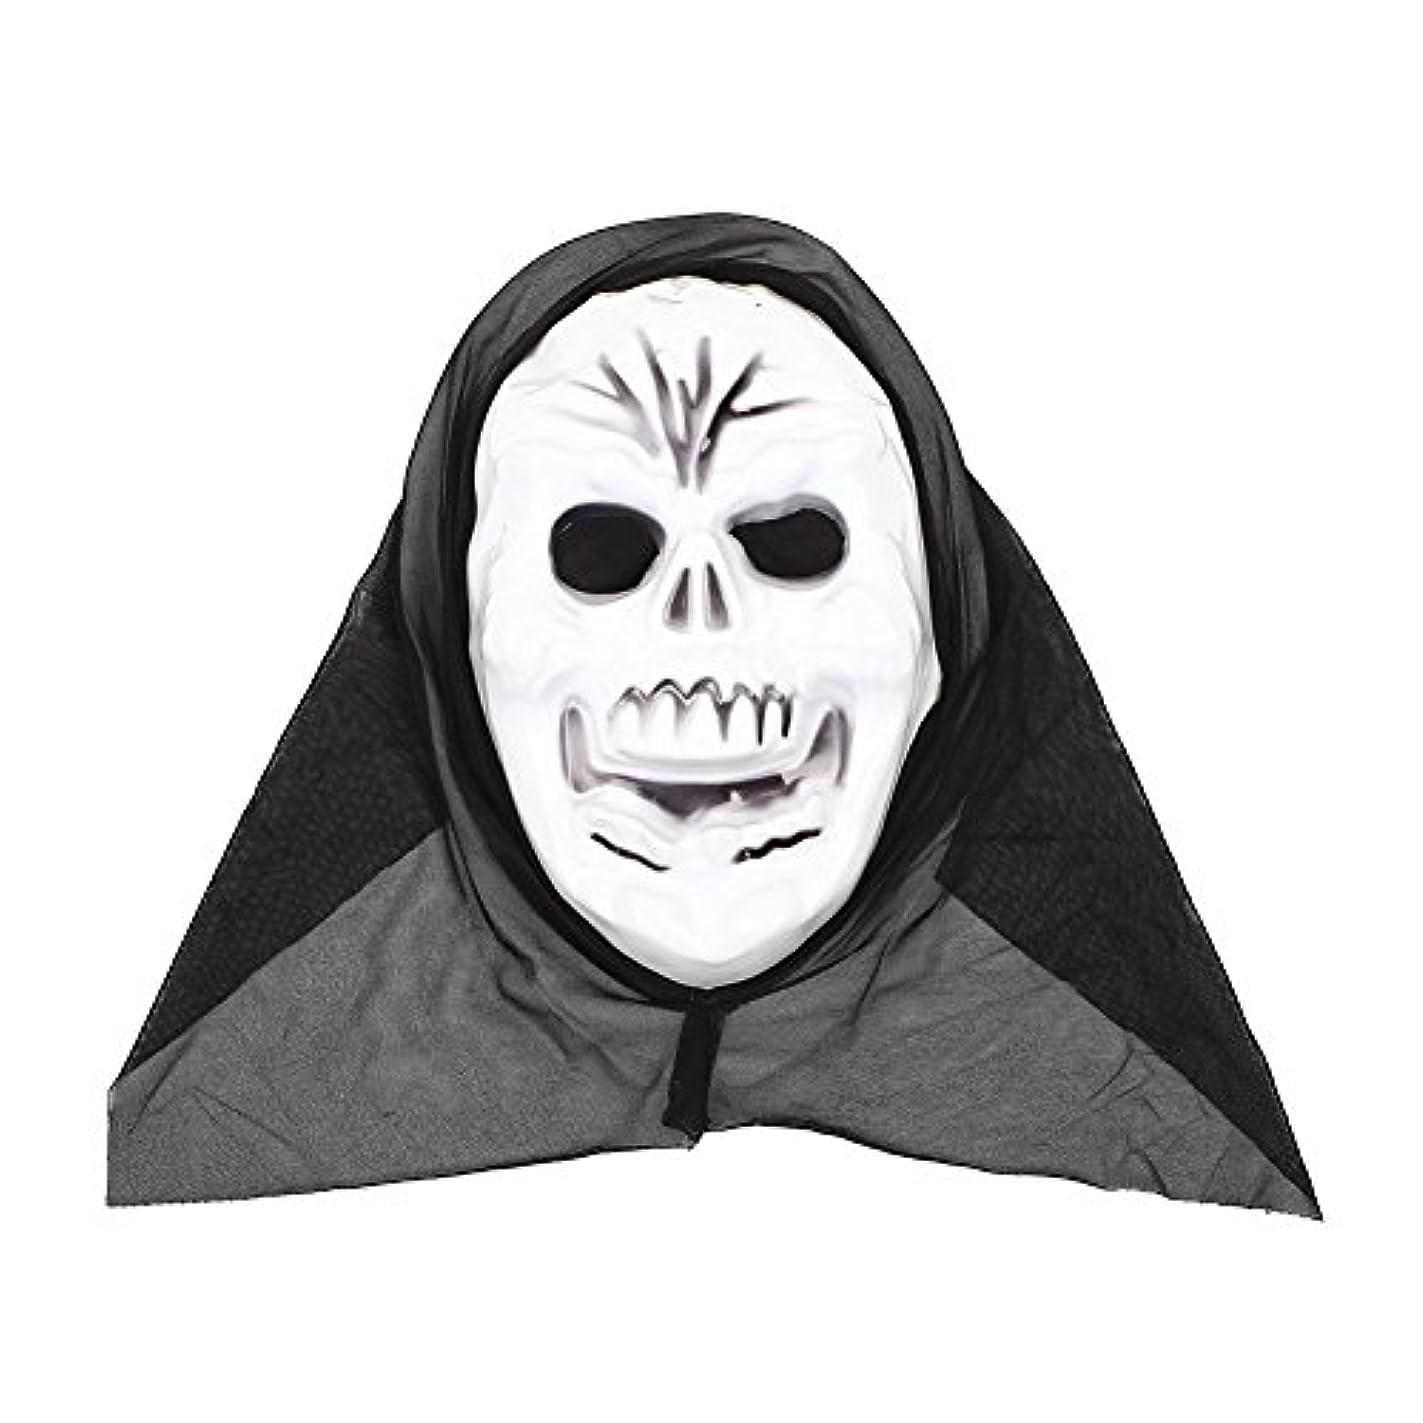 普及締める俳優Auntwhale ハロウィンマスク大人恐怖コスチューム、スクリームファンシーマスカレードパーティーハロウィンマスク、フェスティバル通気性ギフトヘッドマスク